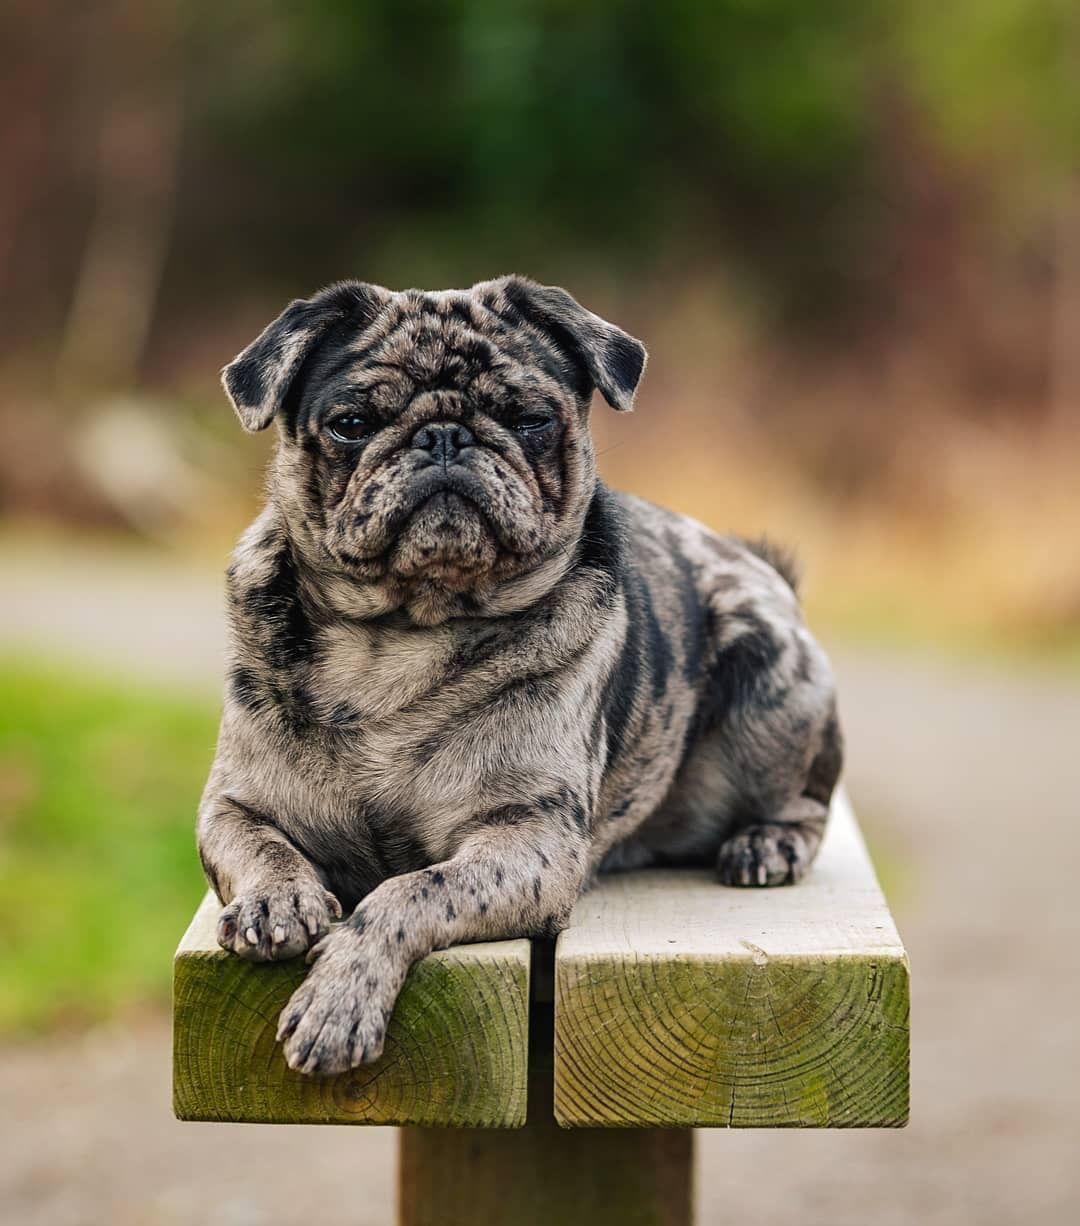 A Brindle Pug Baby Pugs Cute Pugs Brindle Pug